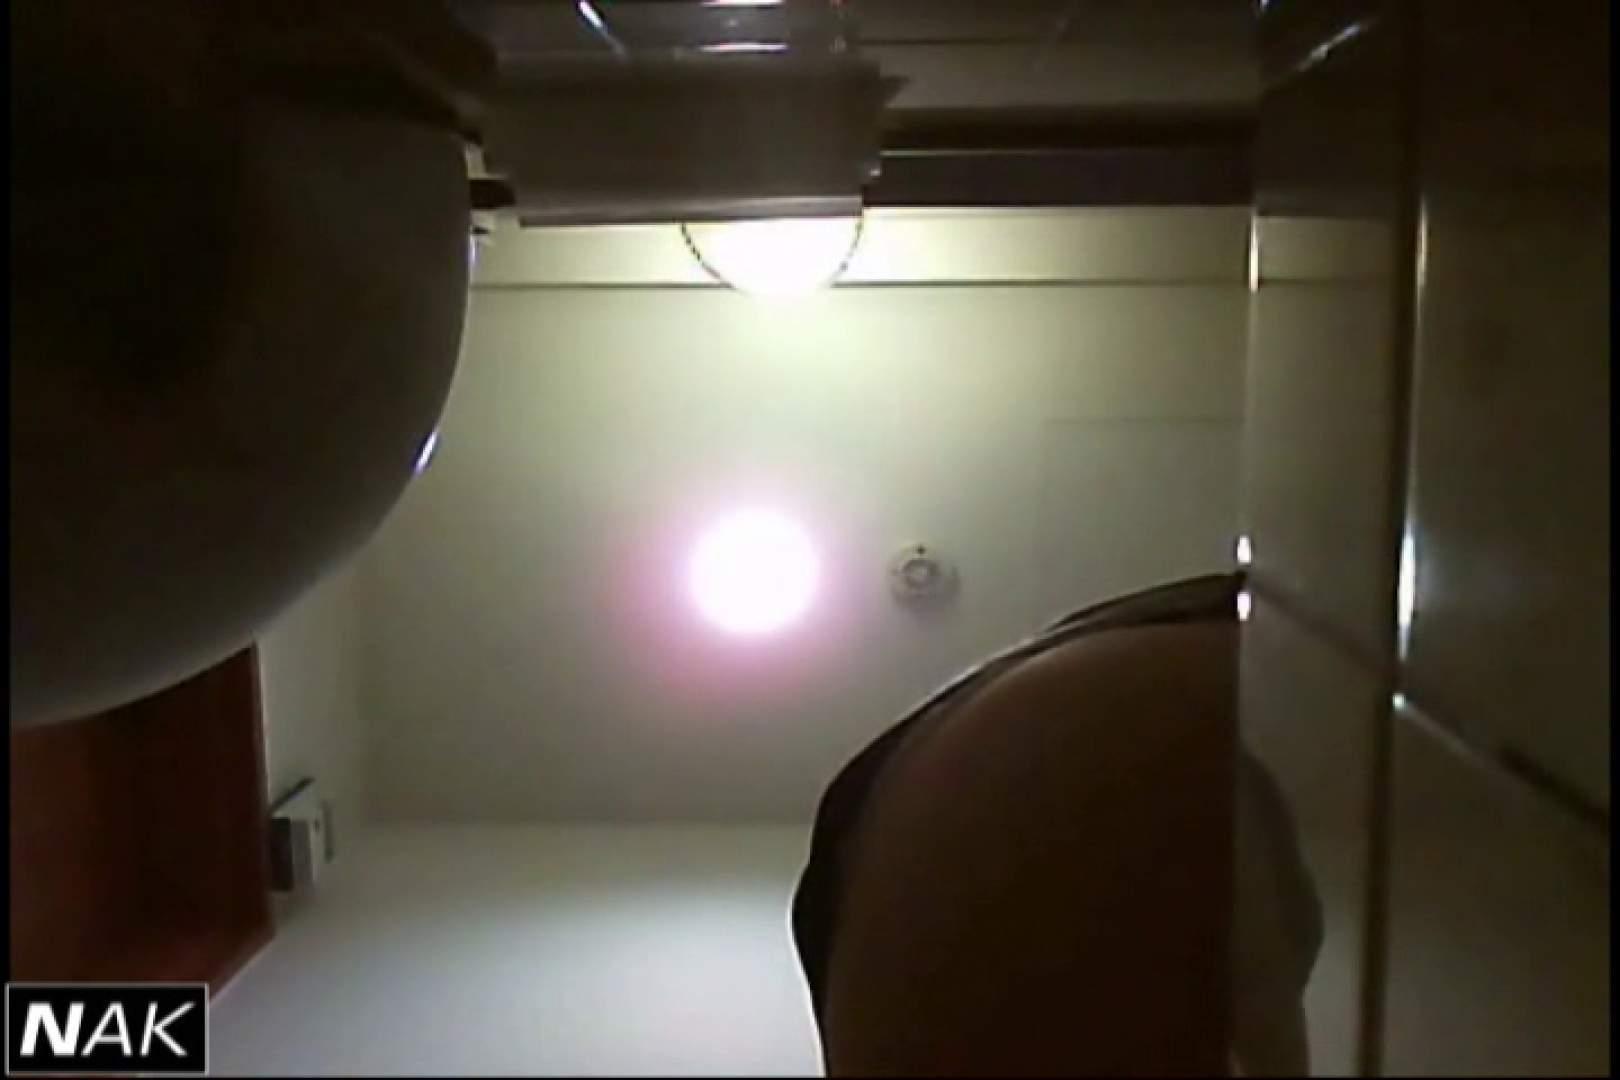 亀さんかわや VIP和式2カメバージョン! vol.05 リアル黄金水 ワレメ無修正動画無料 110画像 83